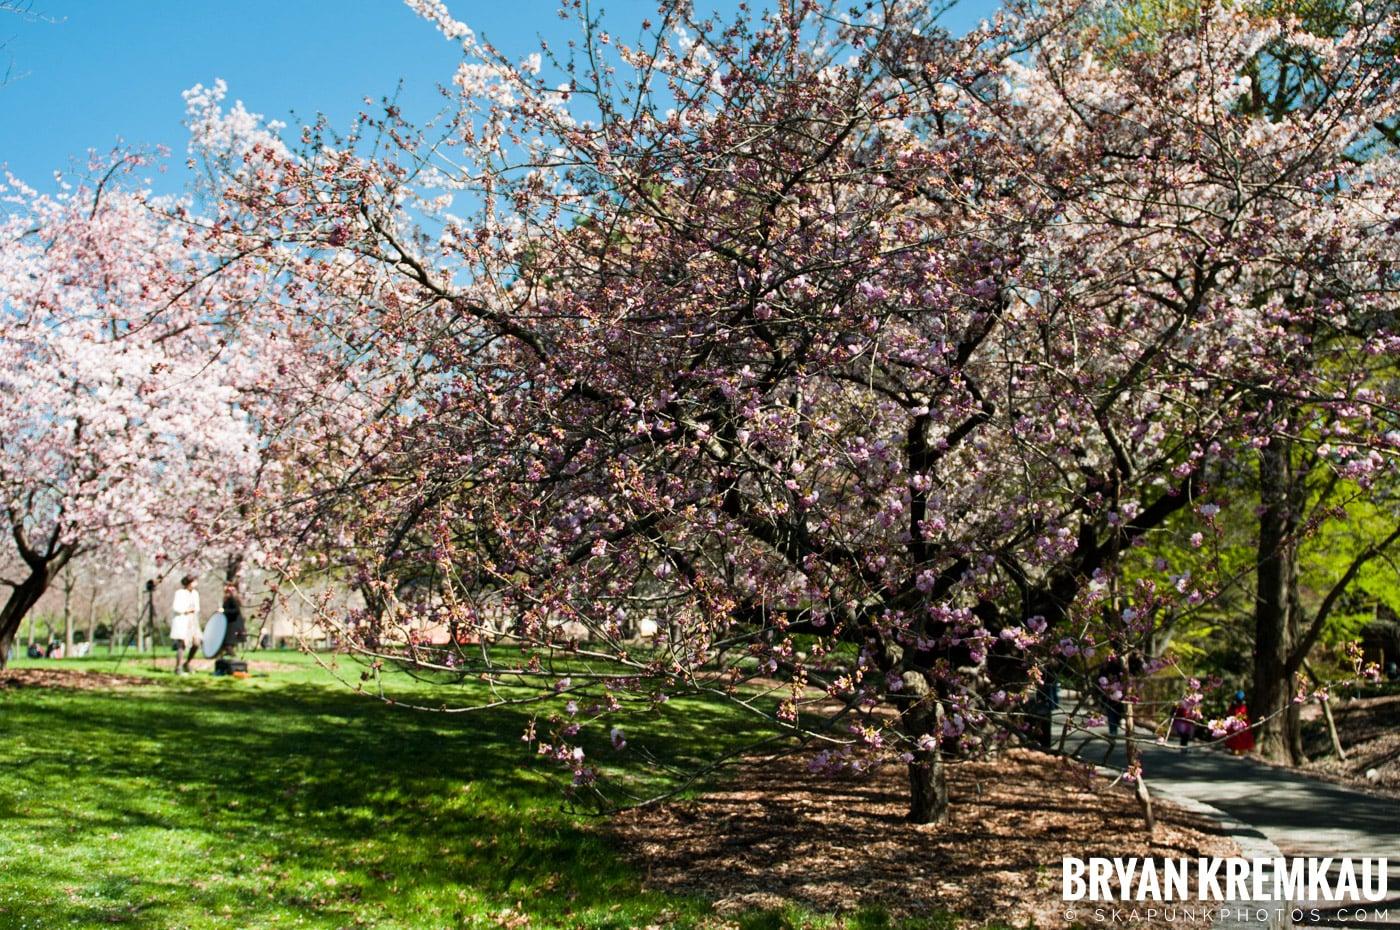 Brooklyn Botanic Garden & Prospect Park Zoo @ Brooklyn, NY - 4.6.12 (66)